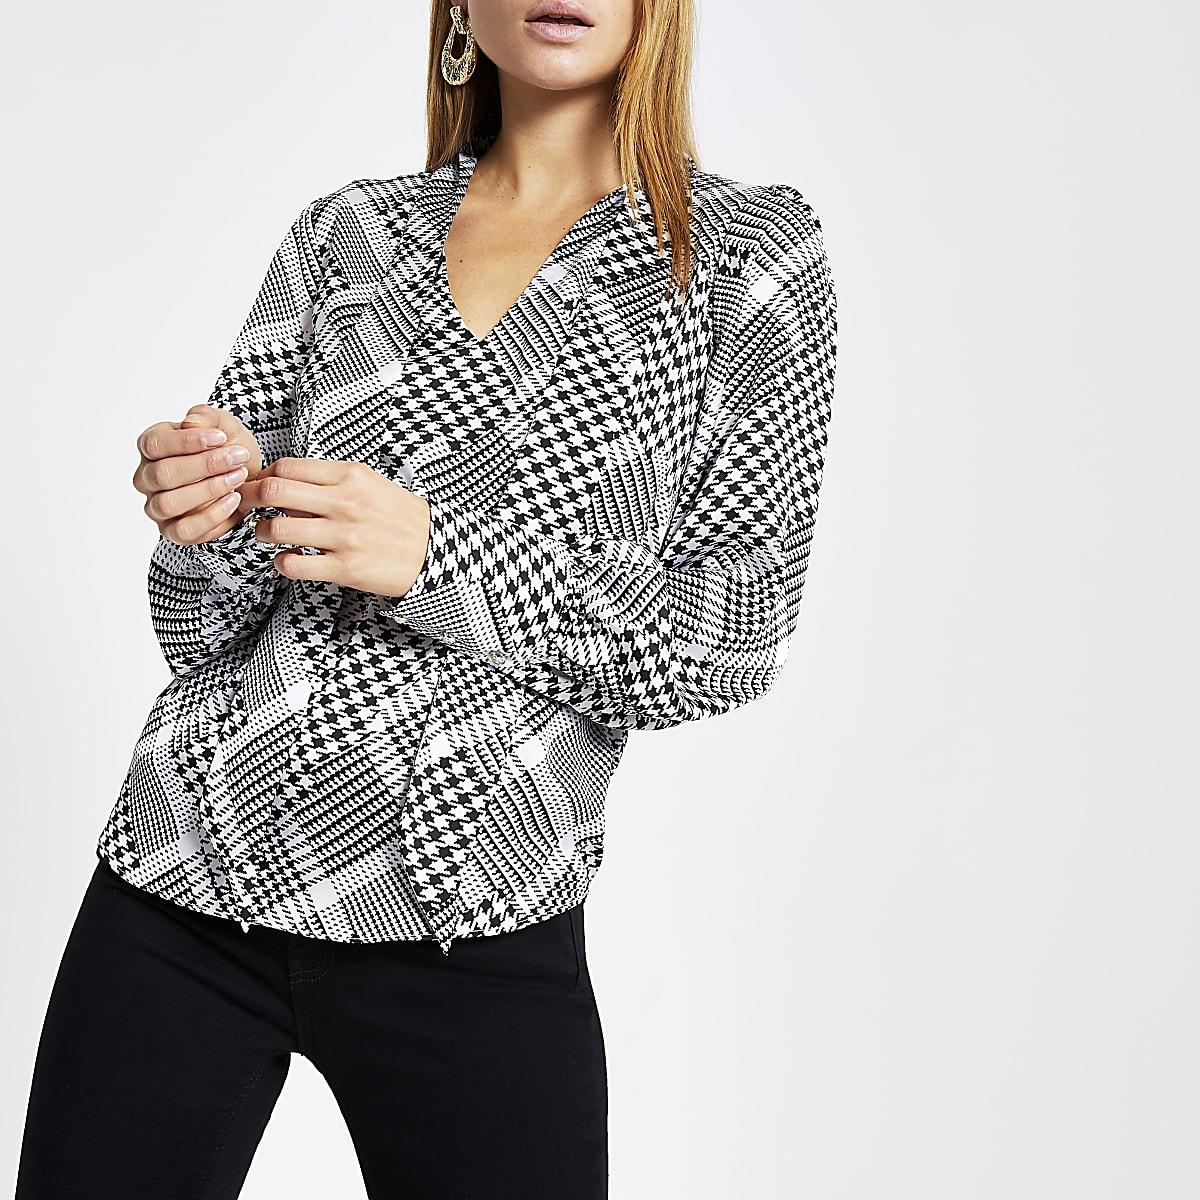 Zwarte blouse met pied-de-poule-motief en strik bij de hals